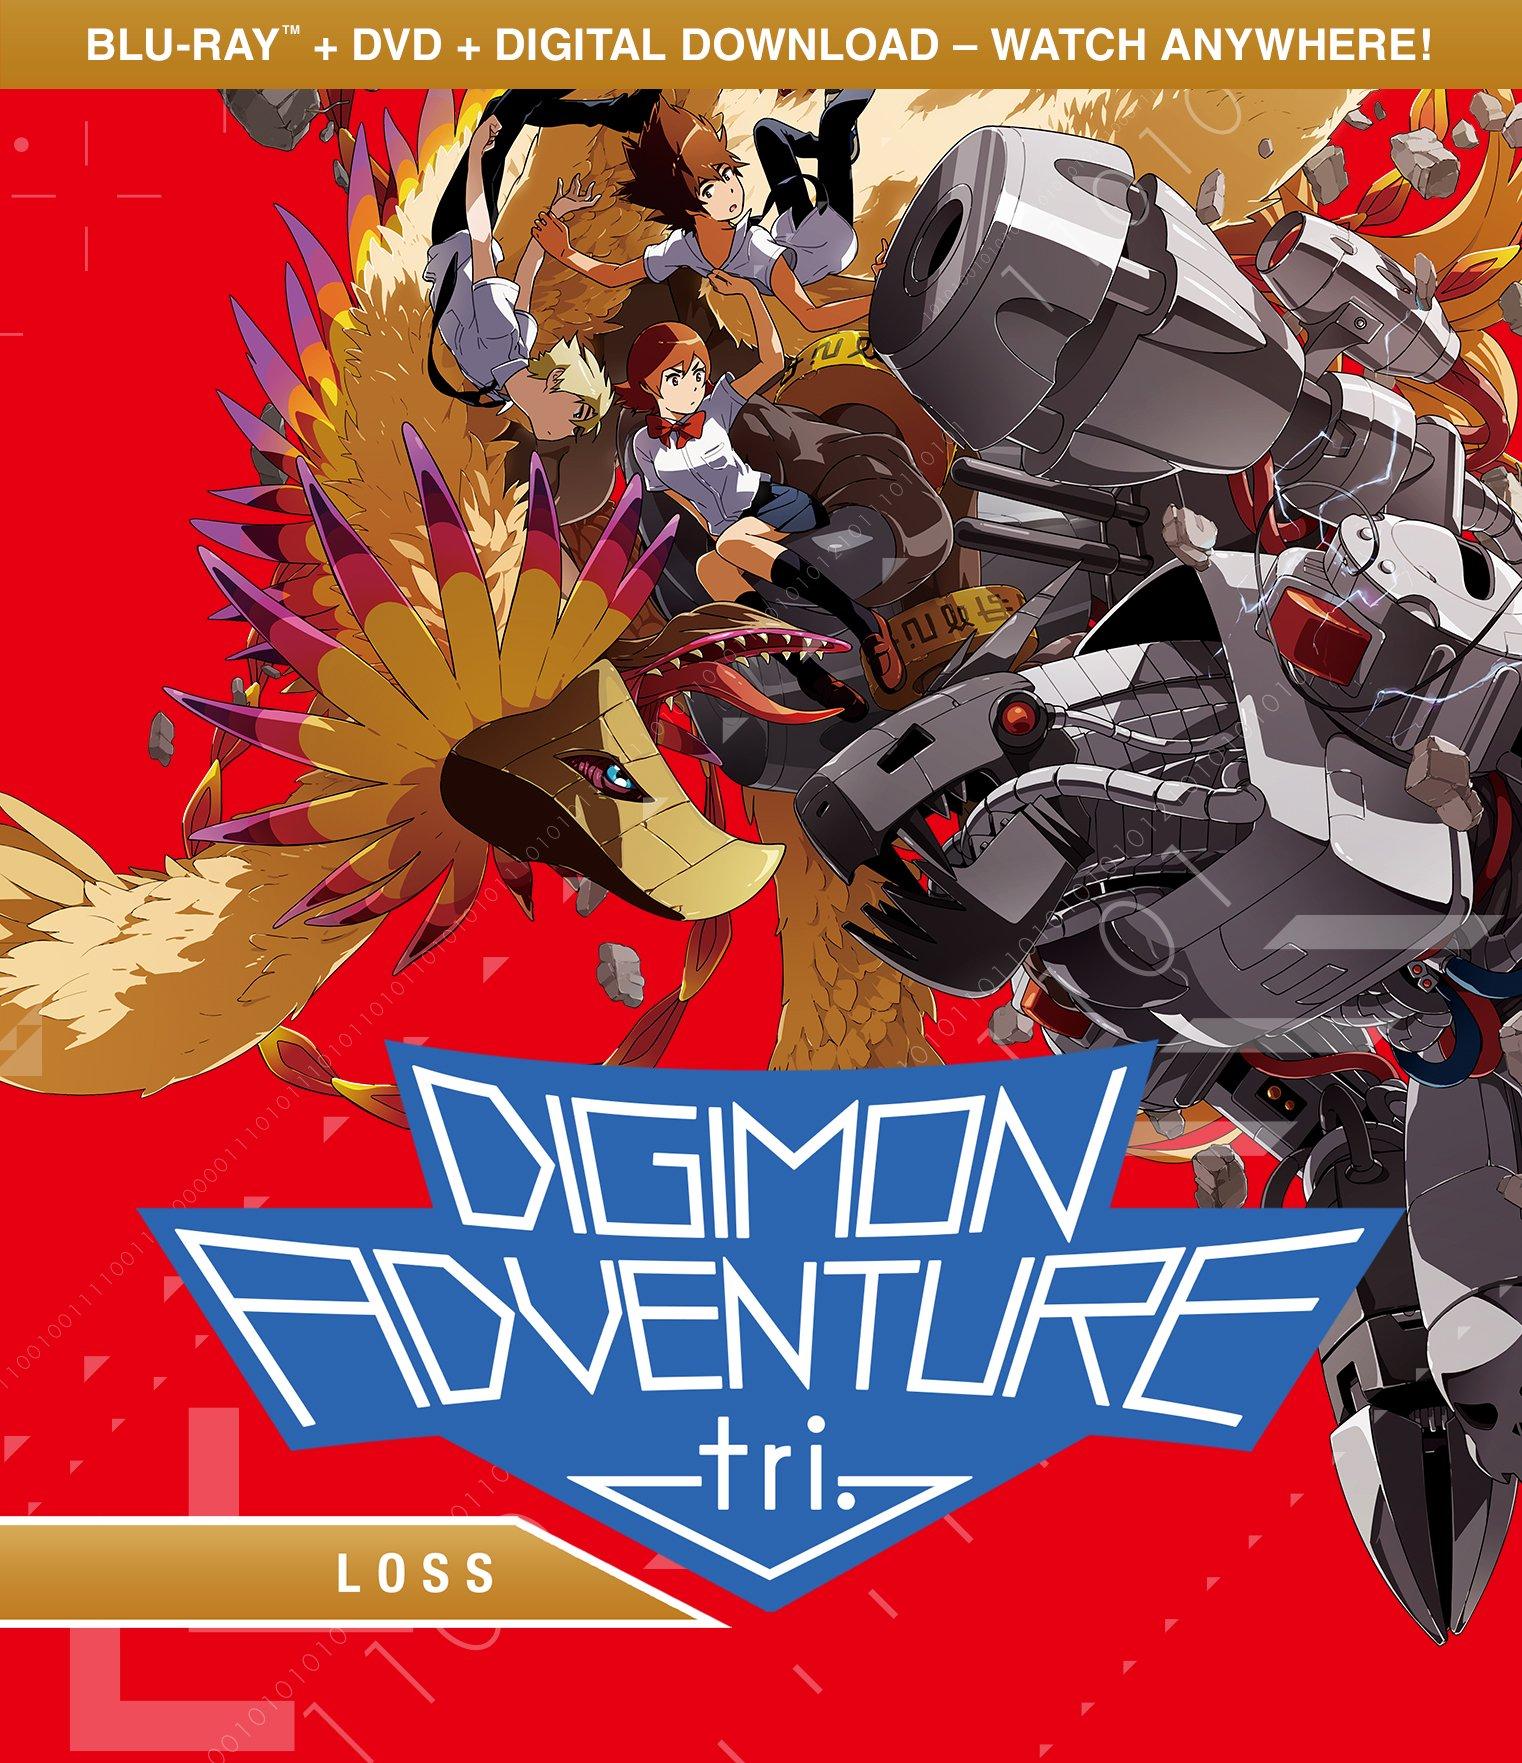 digimon adventure tri blu ray deutsch